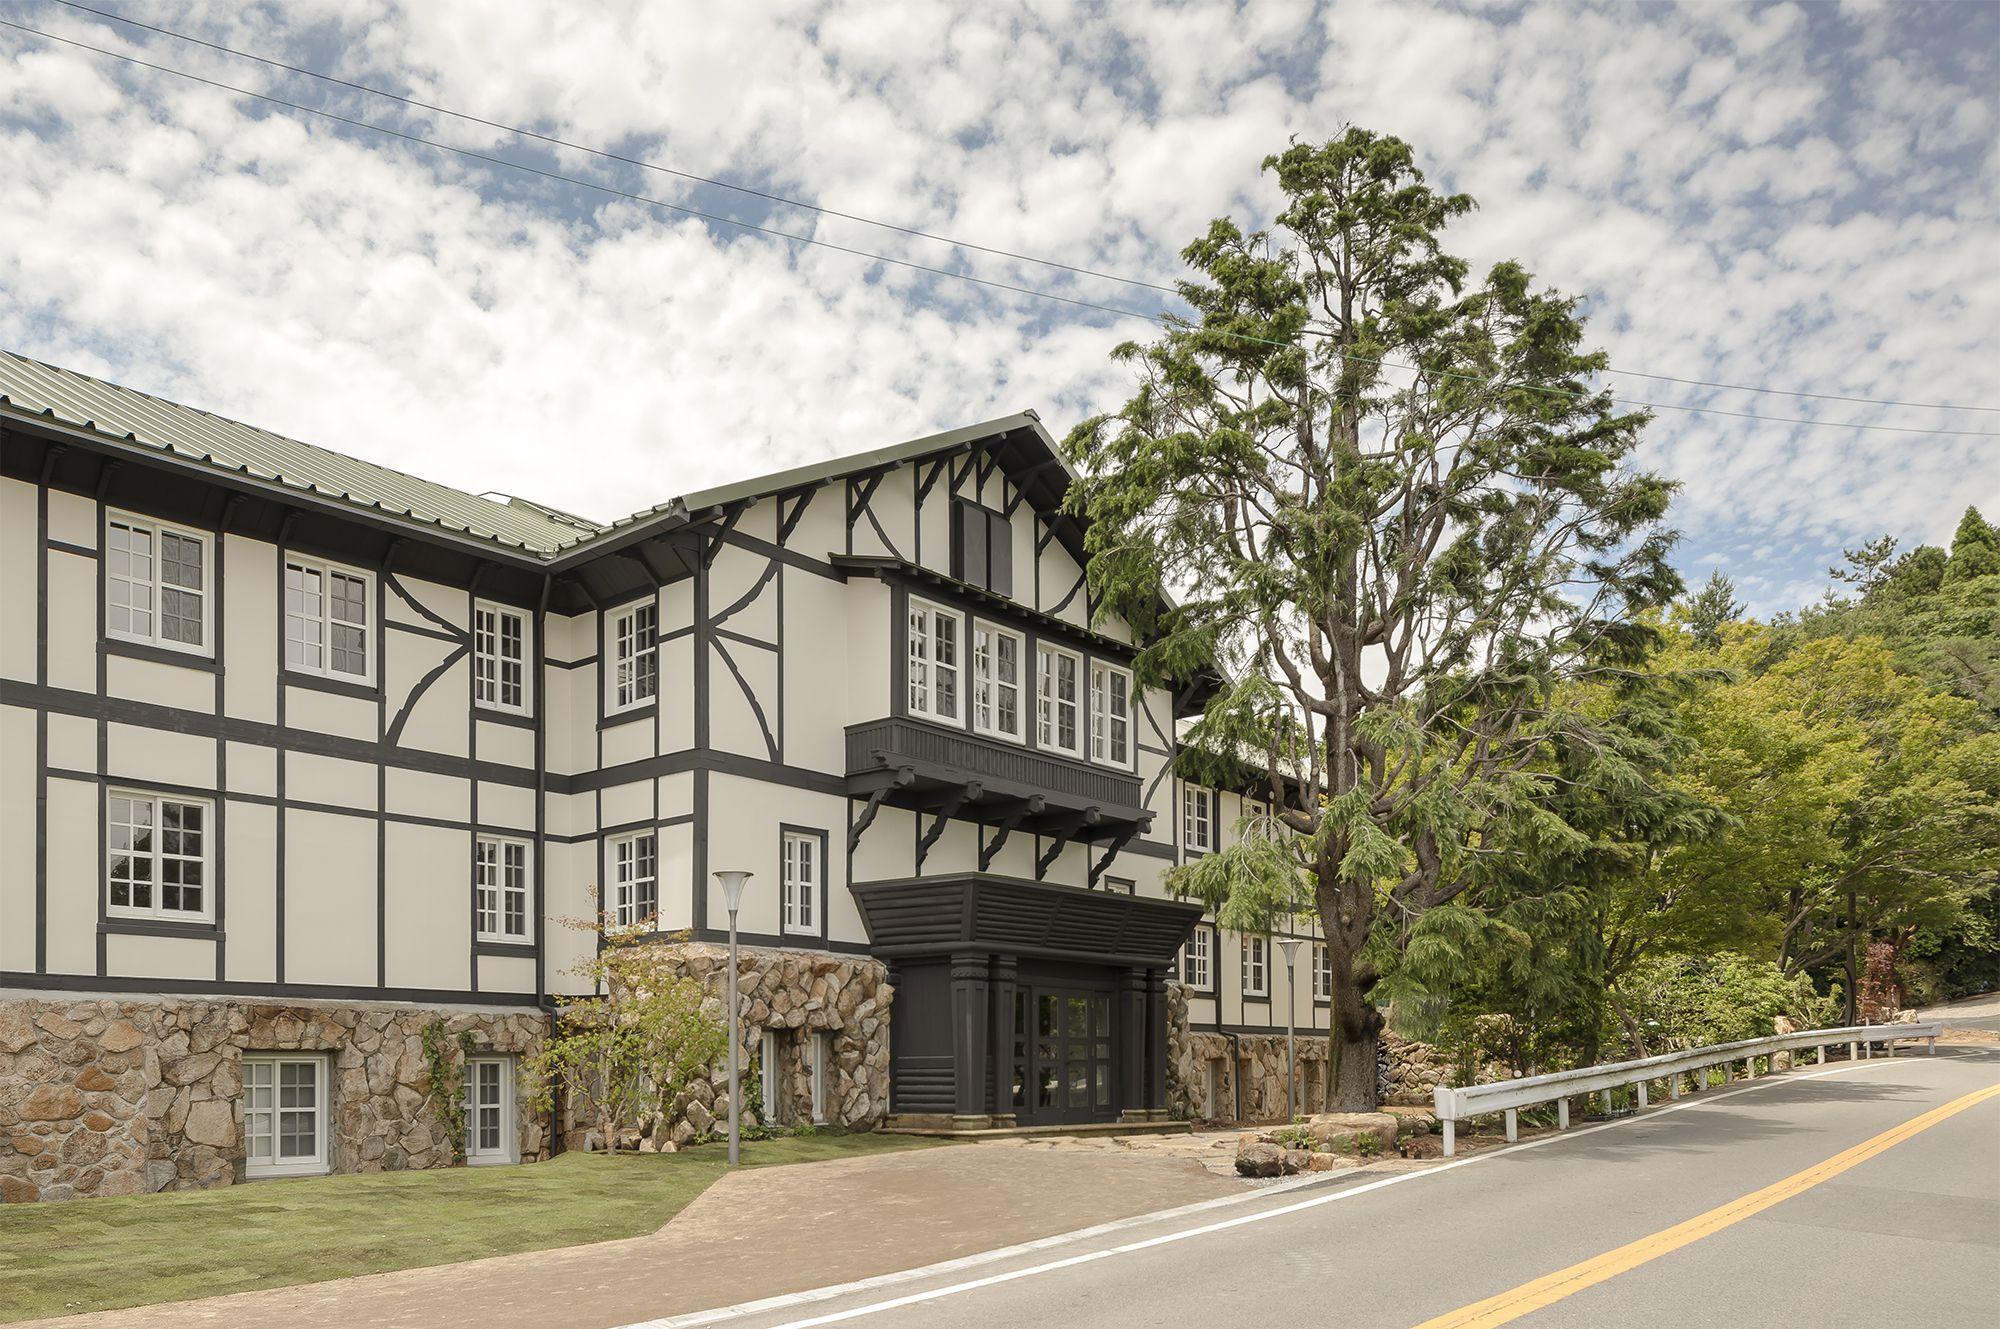 六甲山サイレンスリゾートのエントランスとして、レセプションエリアとなる旧館。1929年に建築されたイギリス式の洋館を修復したもの。©️Rokkosan silence resort